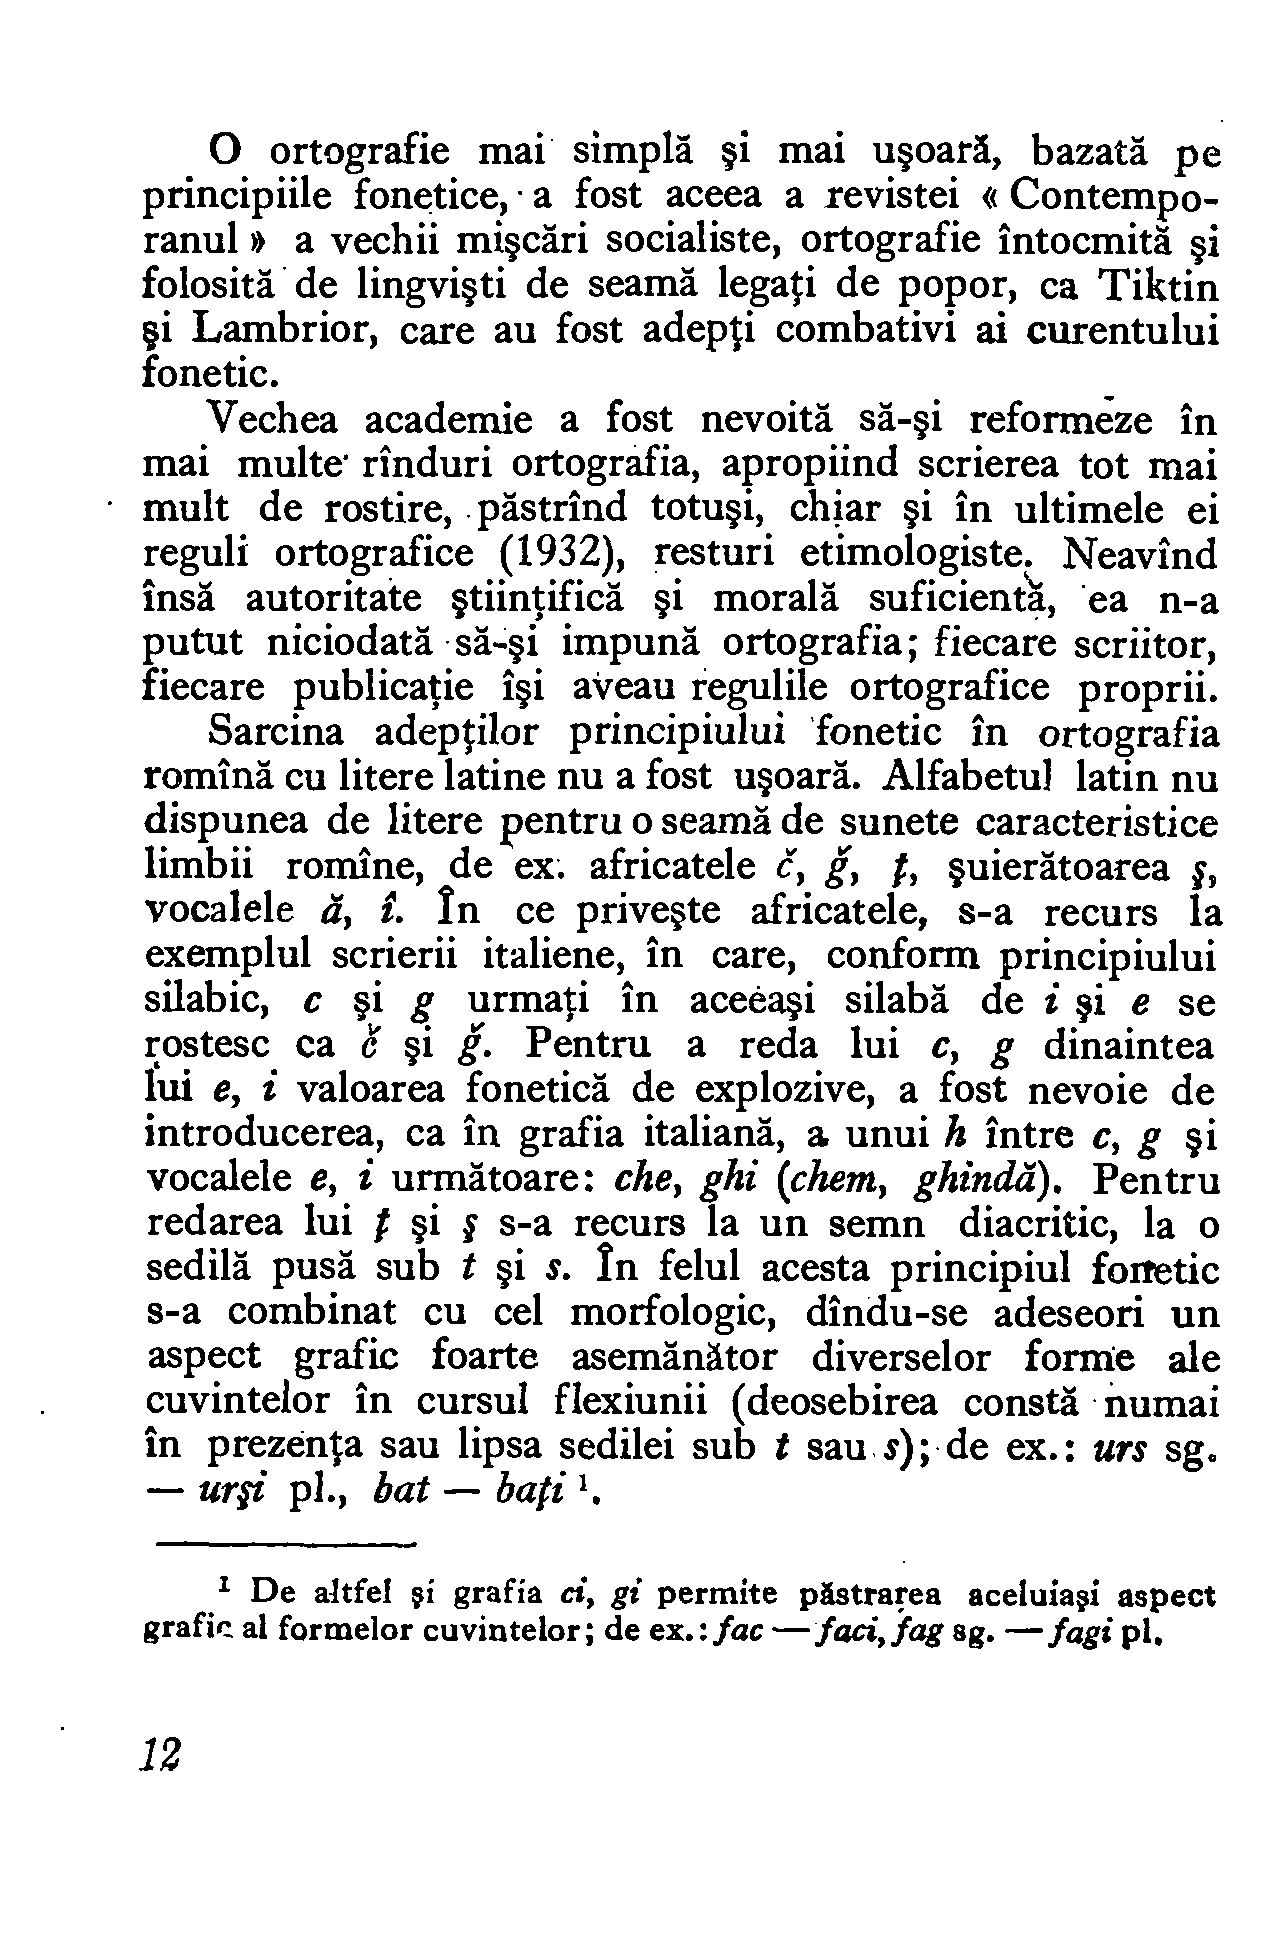 1954 - Mic dicționar ortografic (10).png